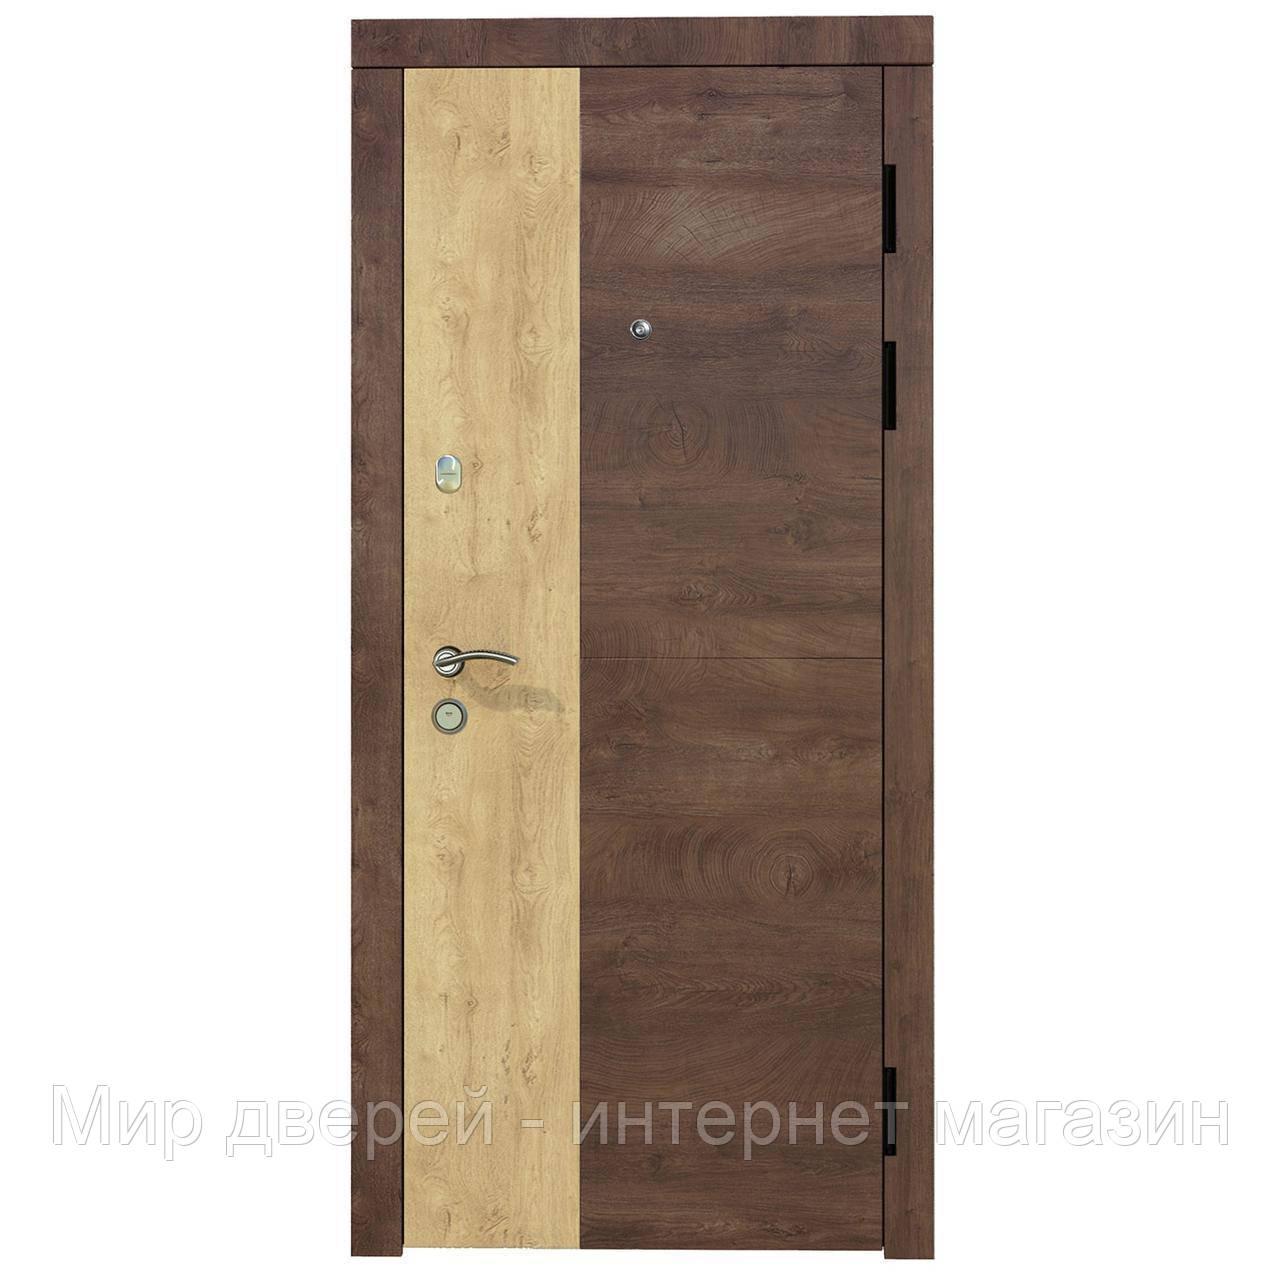 Двери входные KASKAD COMBO Соната Комфорт